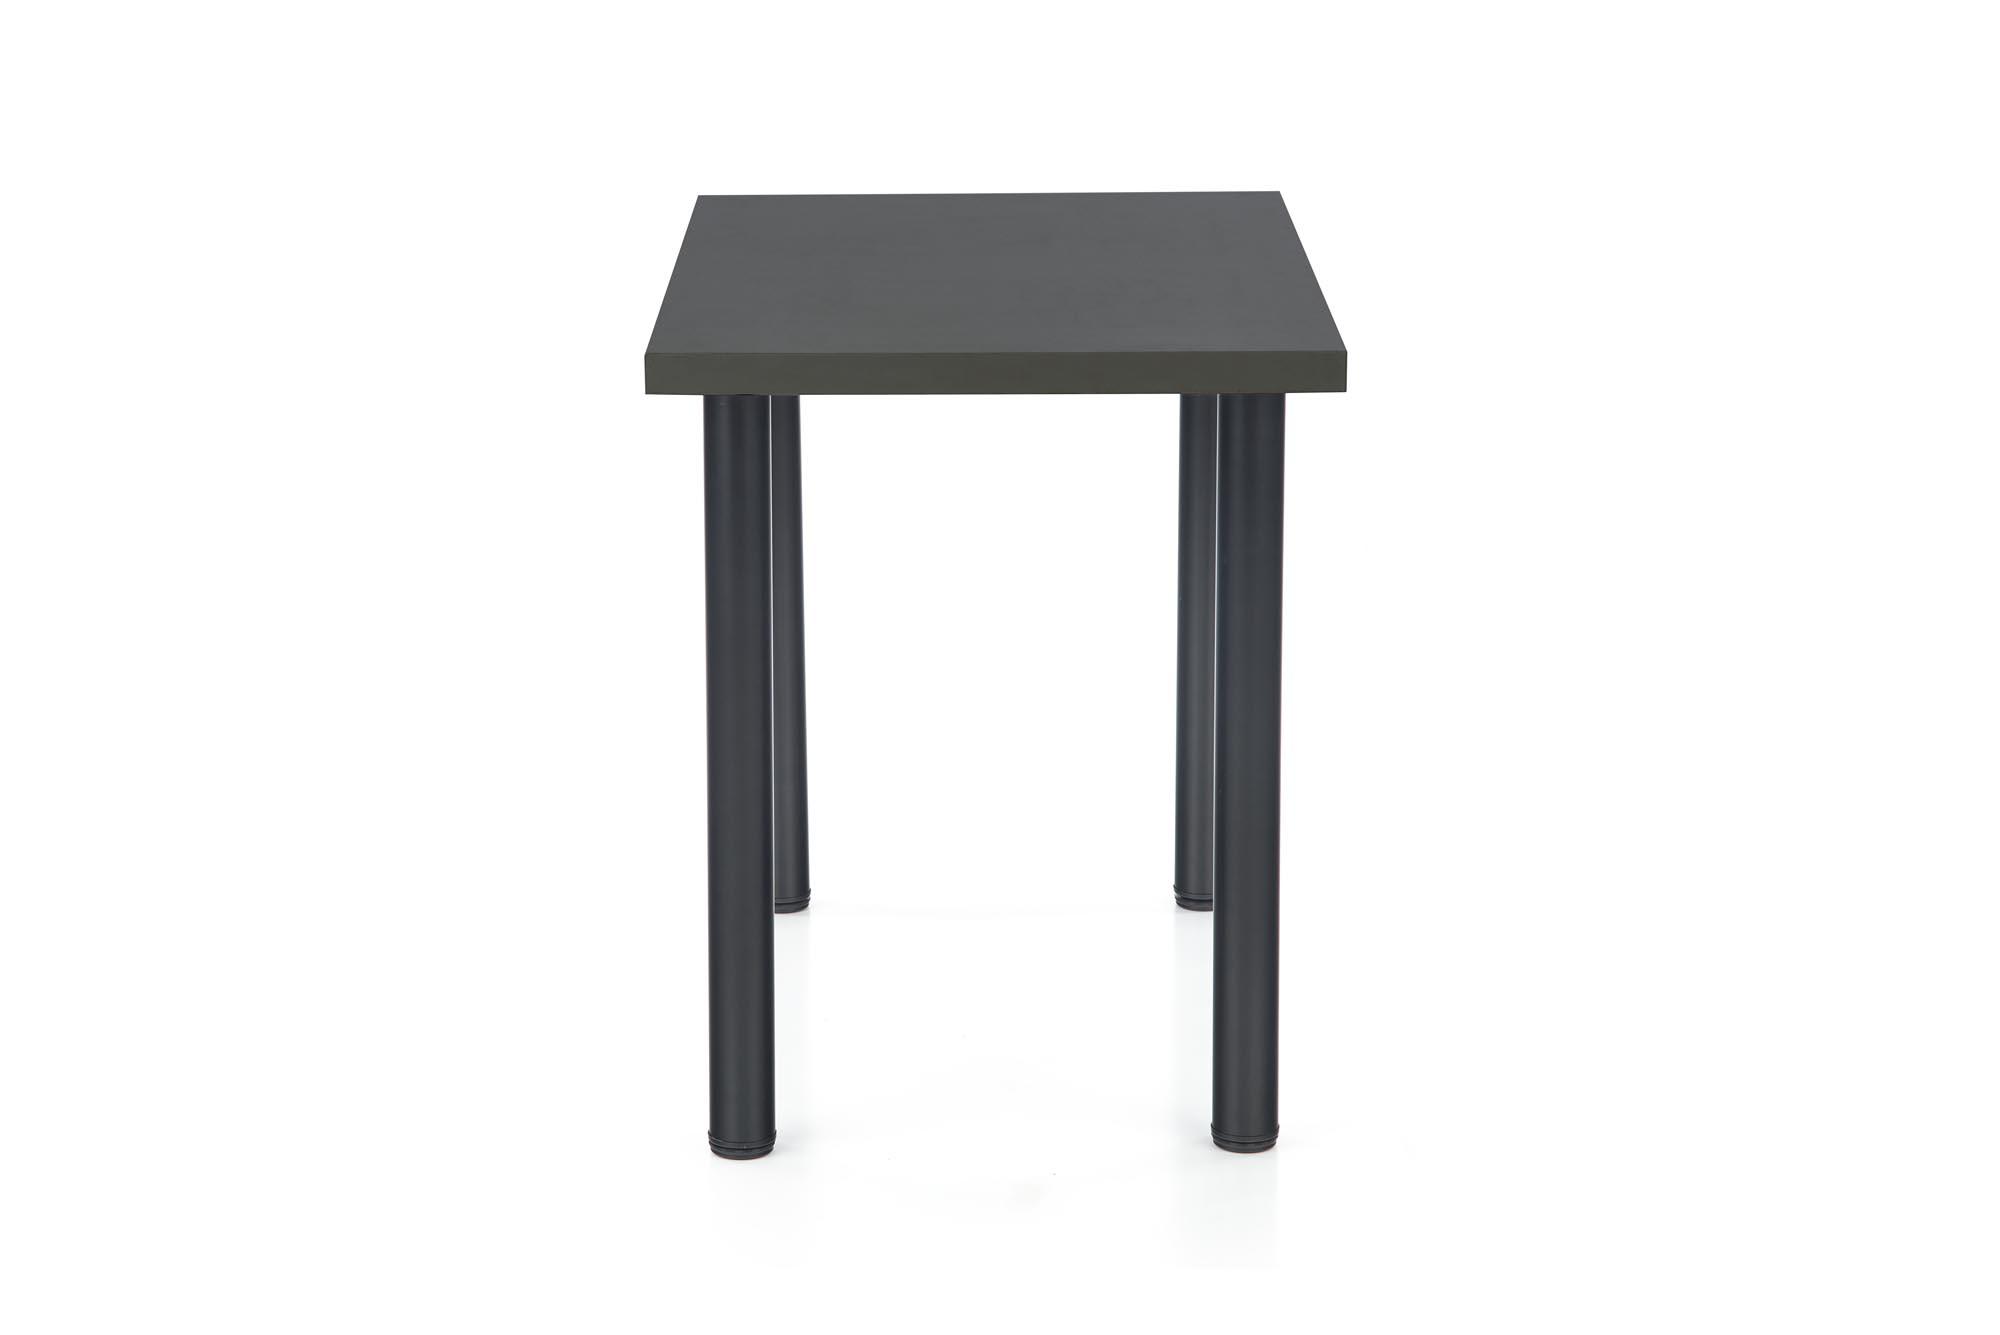 MODEX 2 90 stôl kolor doska - antracit, nohy - čierne